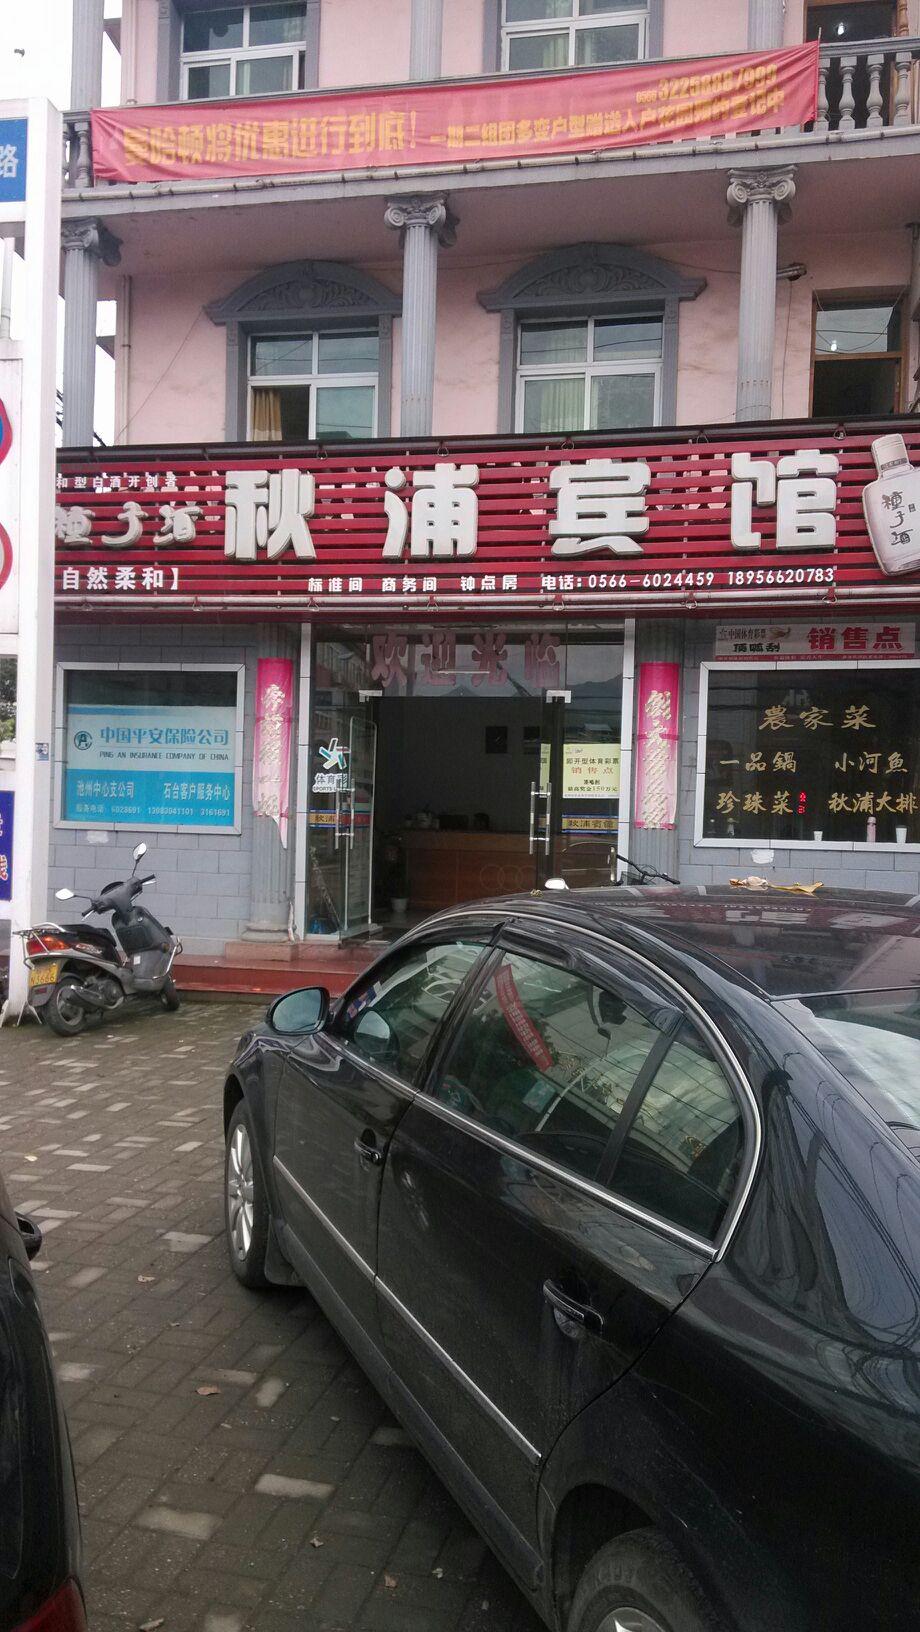 秋浦宾馆(石台县仁康医院南店)